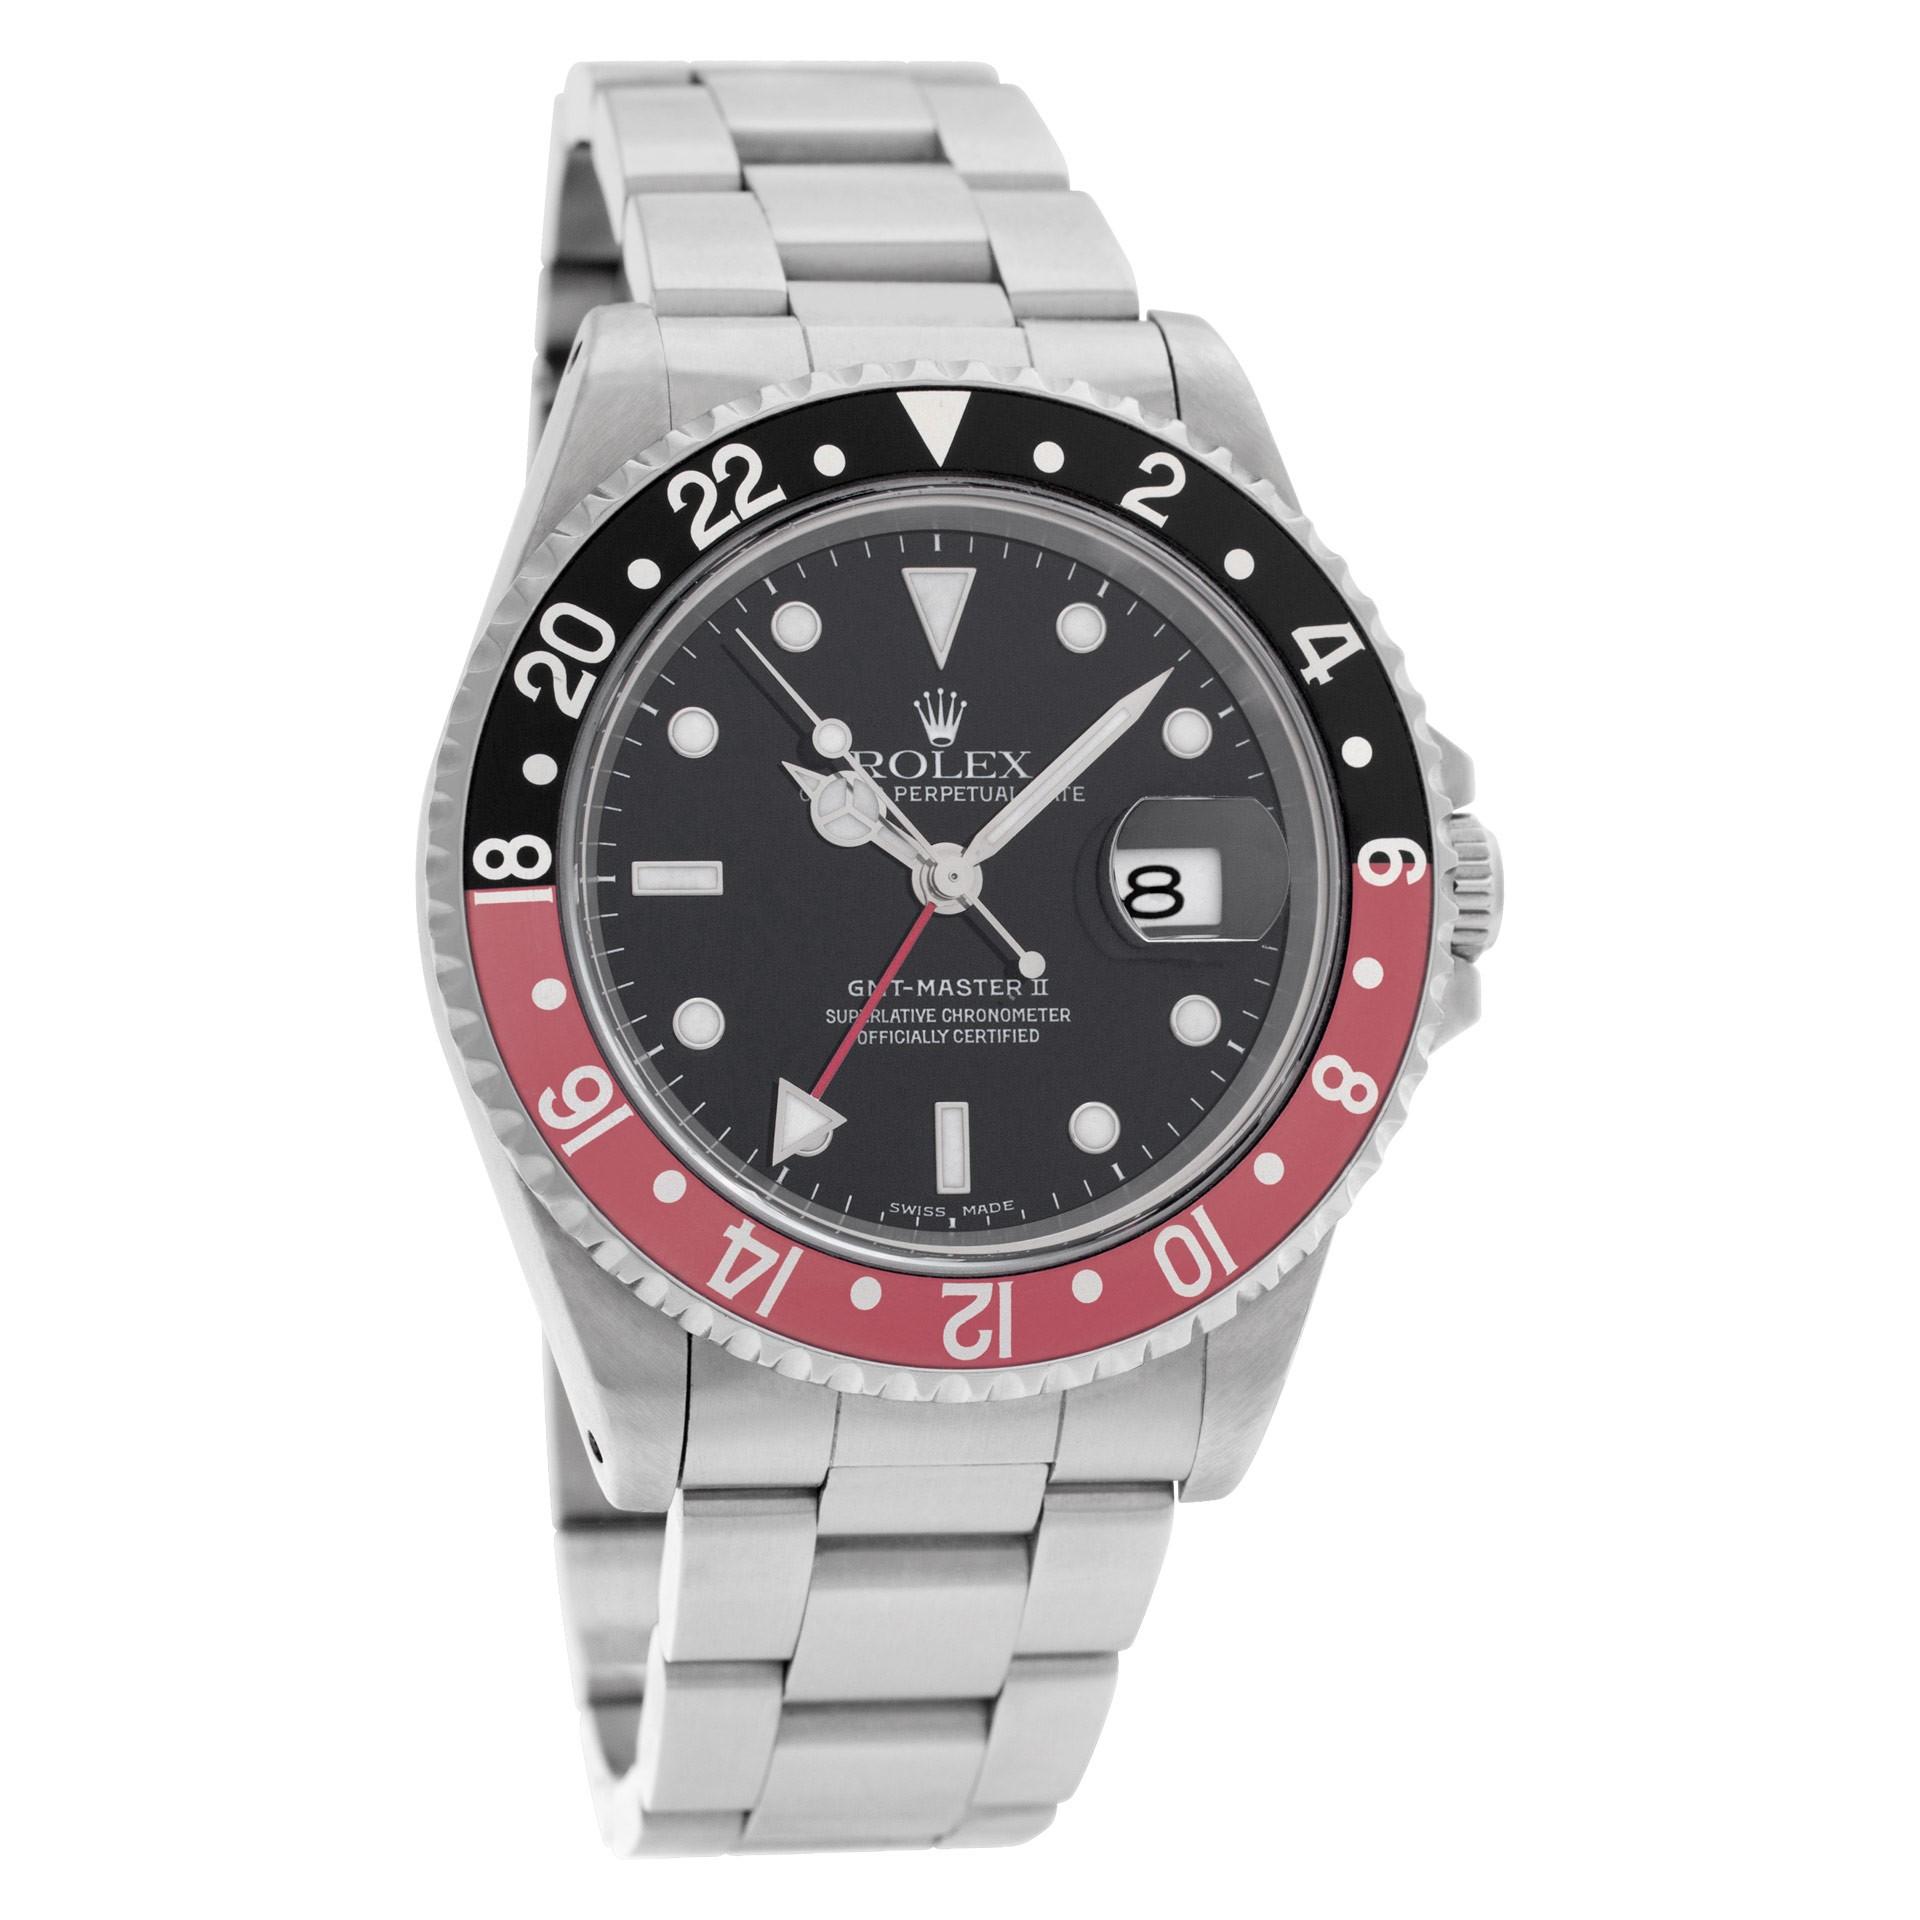 Rolex GMT-Master II 16710 Stainless Steel Watch | World's Best